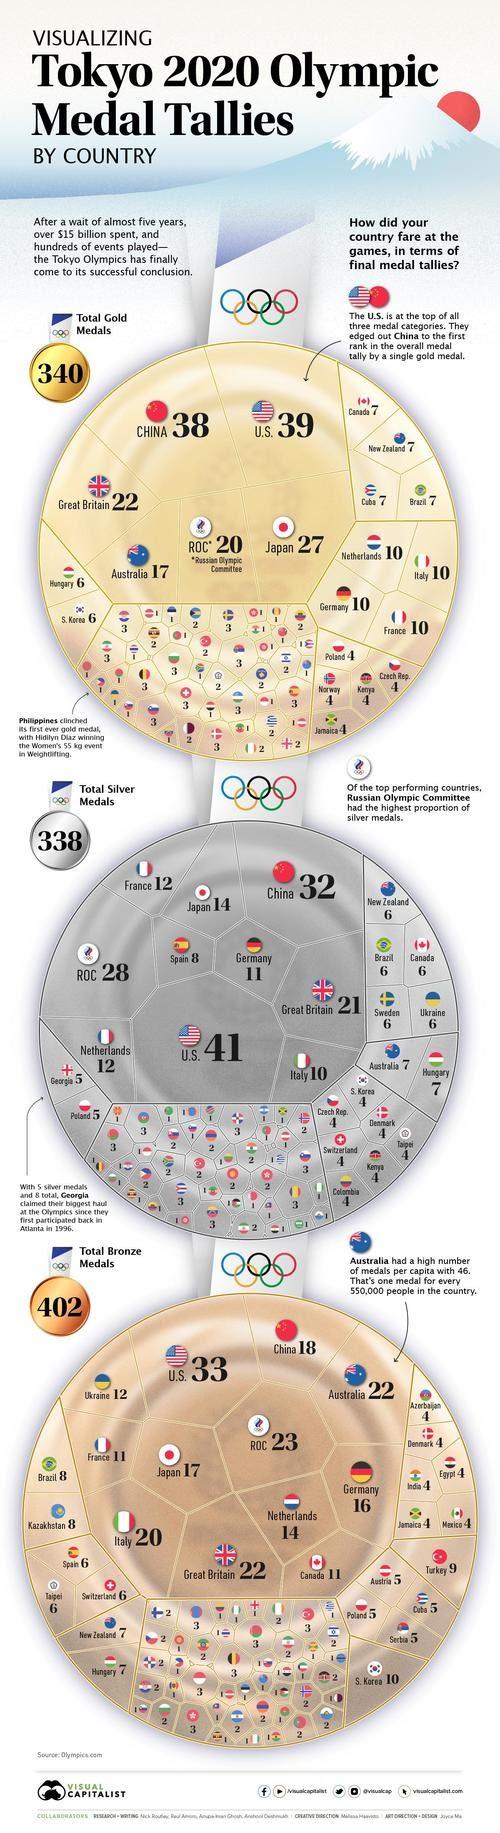 Conteo de medallas olímpicas: ¿Cómo le fue a cada país en Tokio 2020?